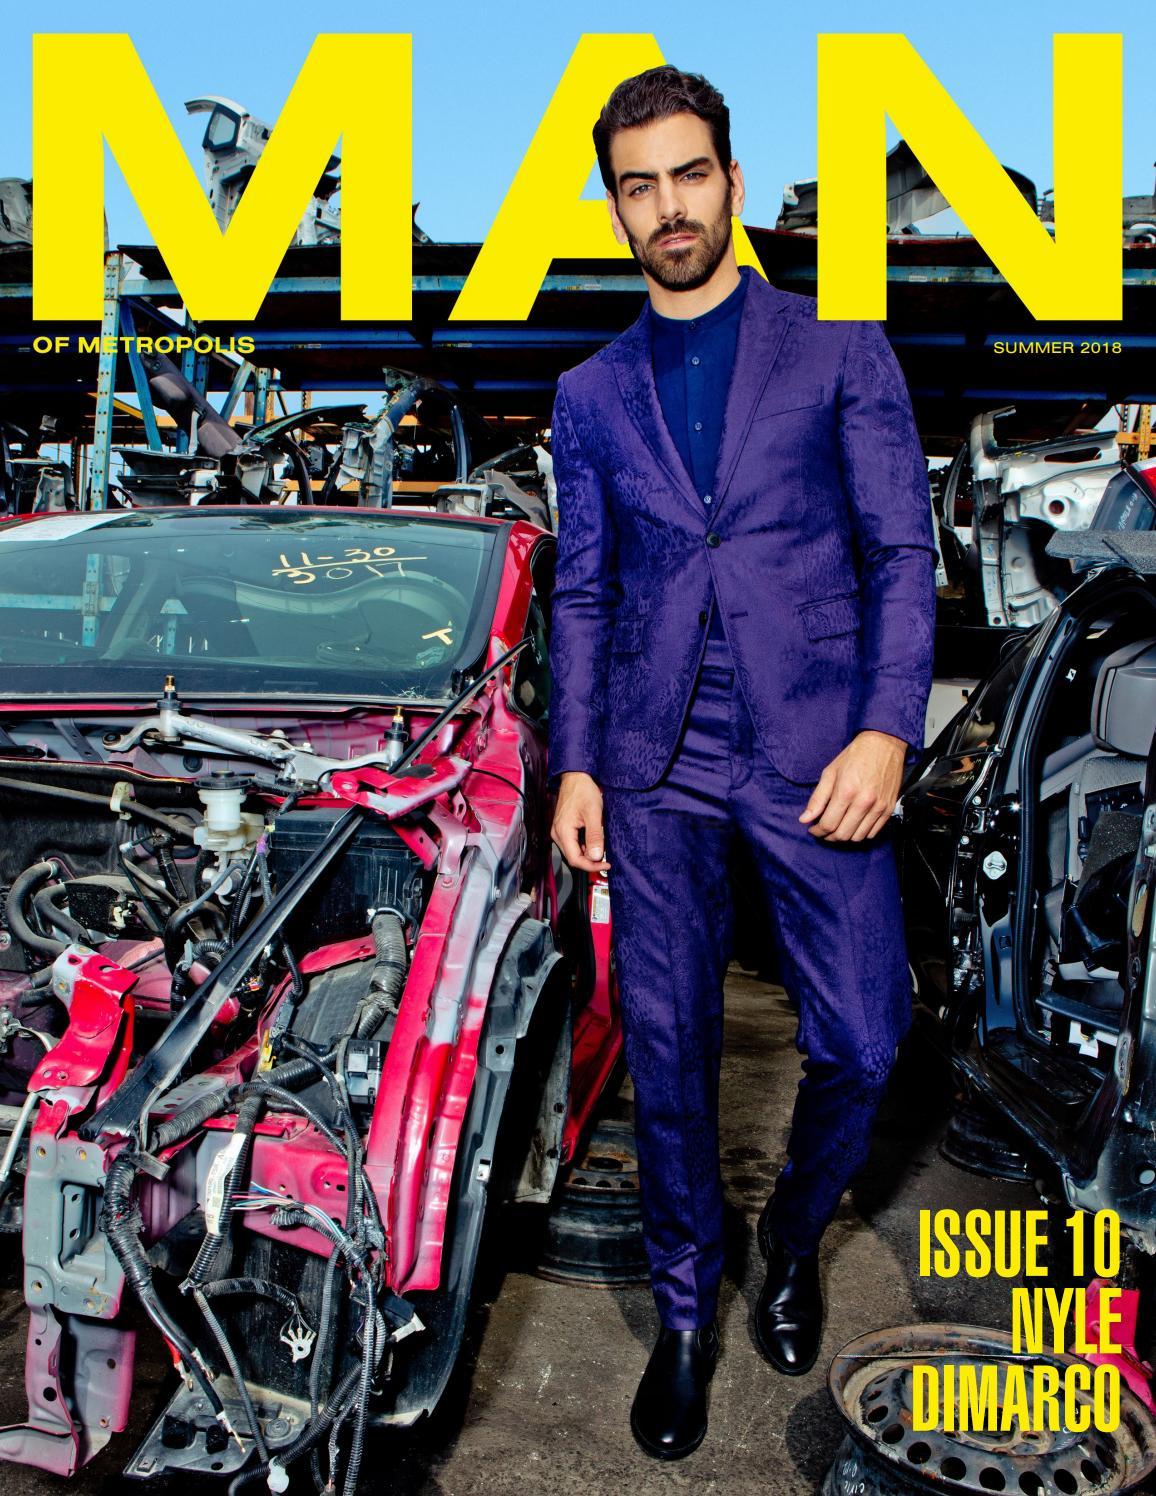 Issue 10 Nyle Dimarco By Man Of Metropolis Issuu Tendencies Tshirt Super Rock Putih S